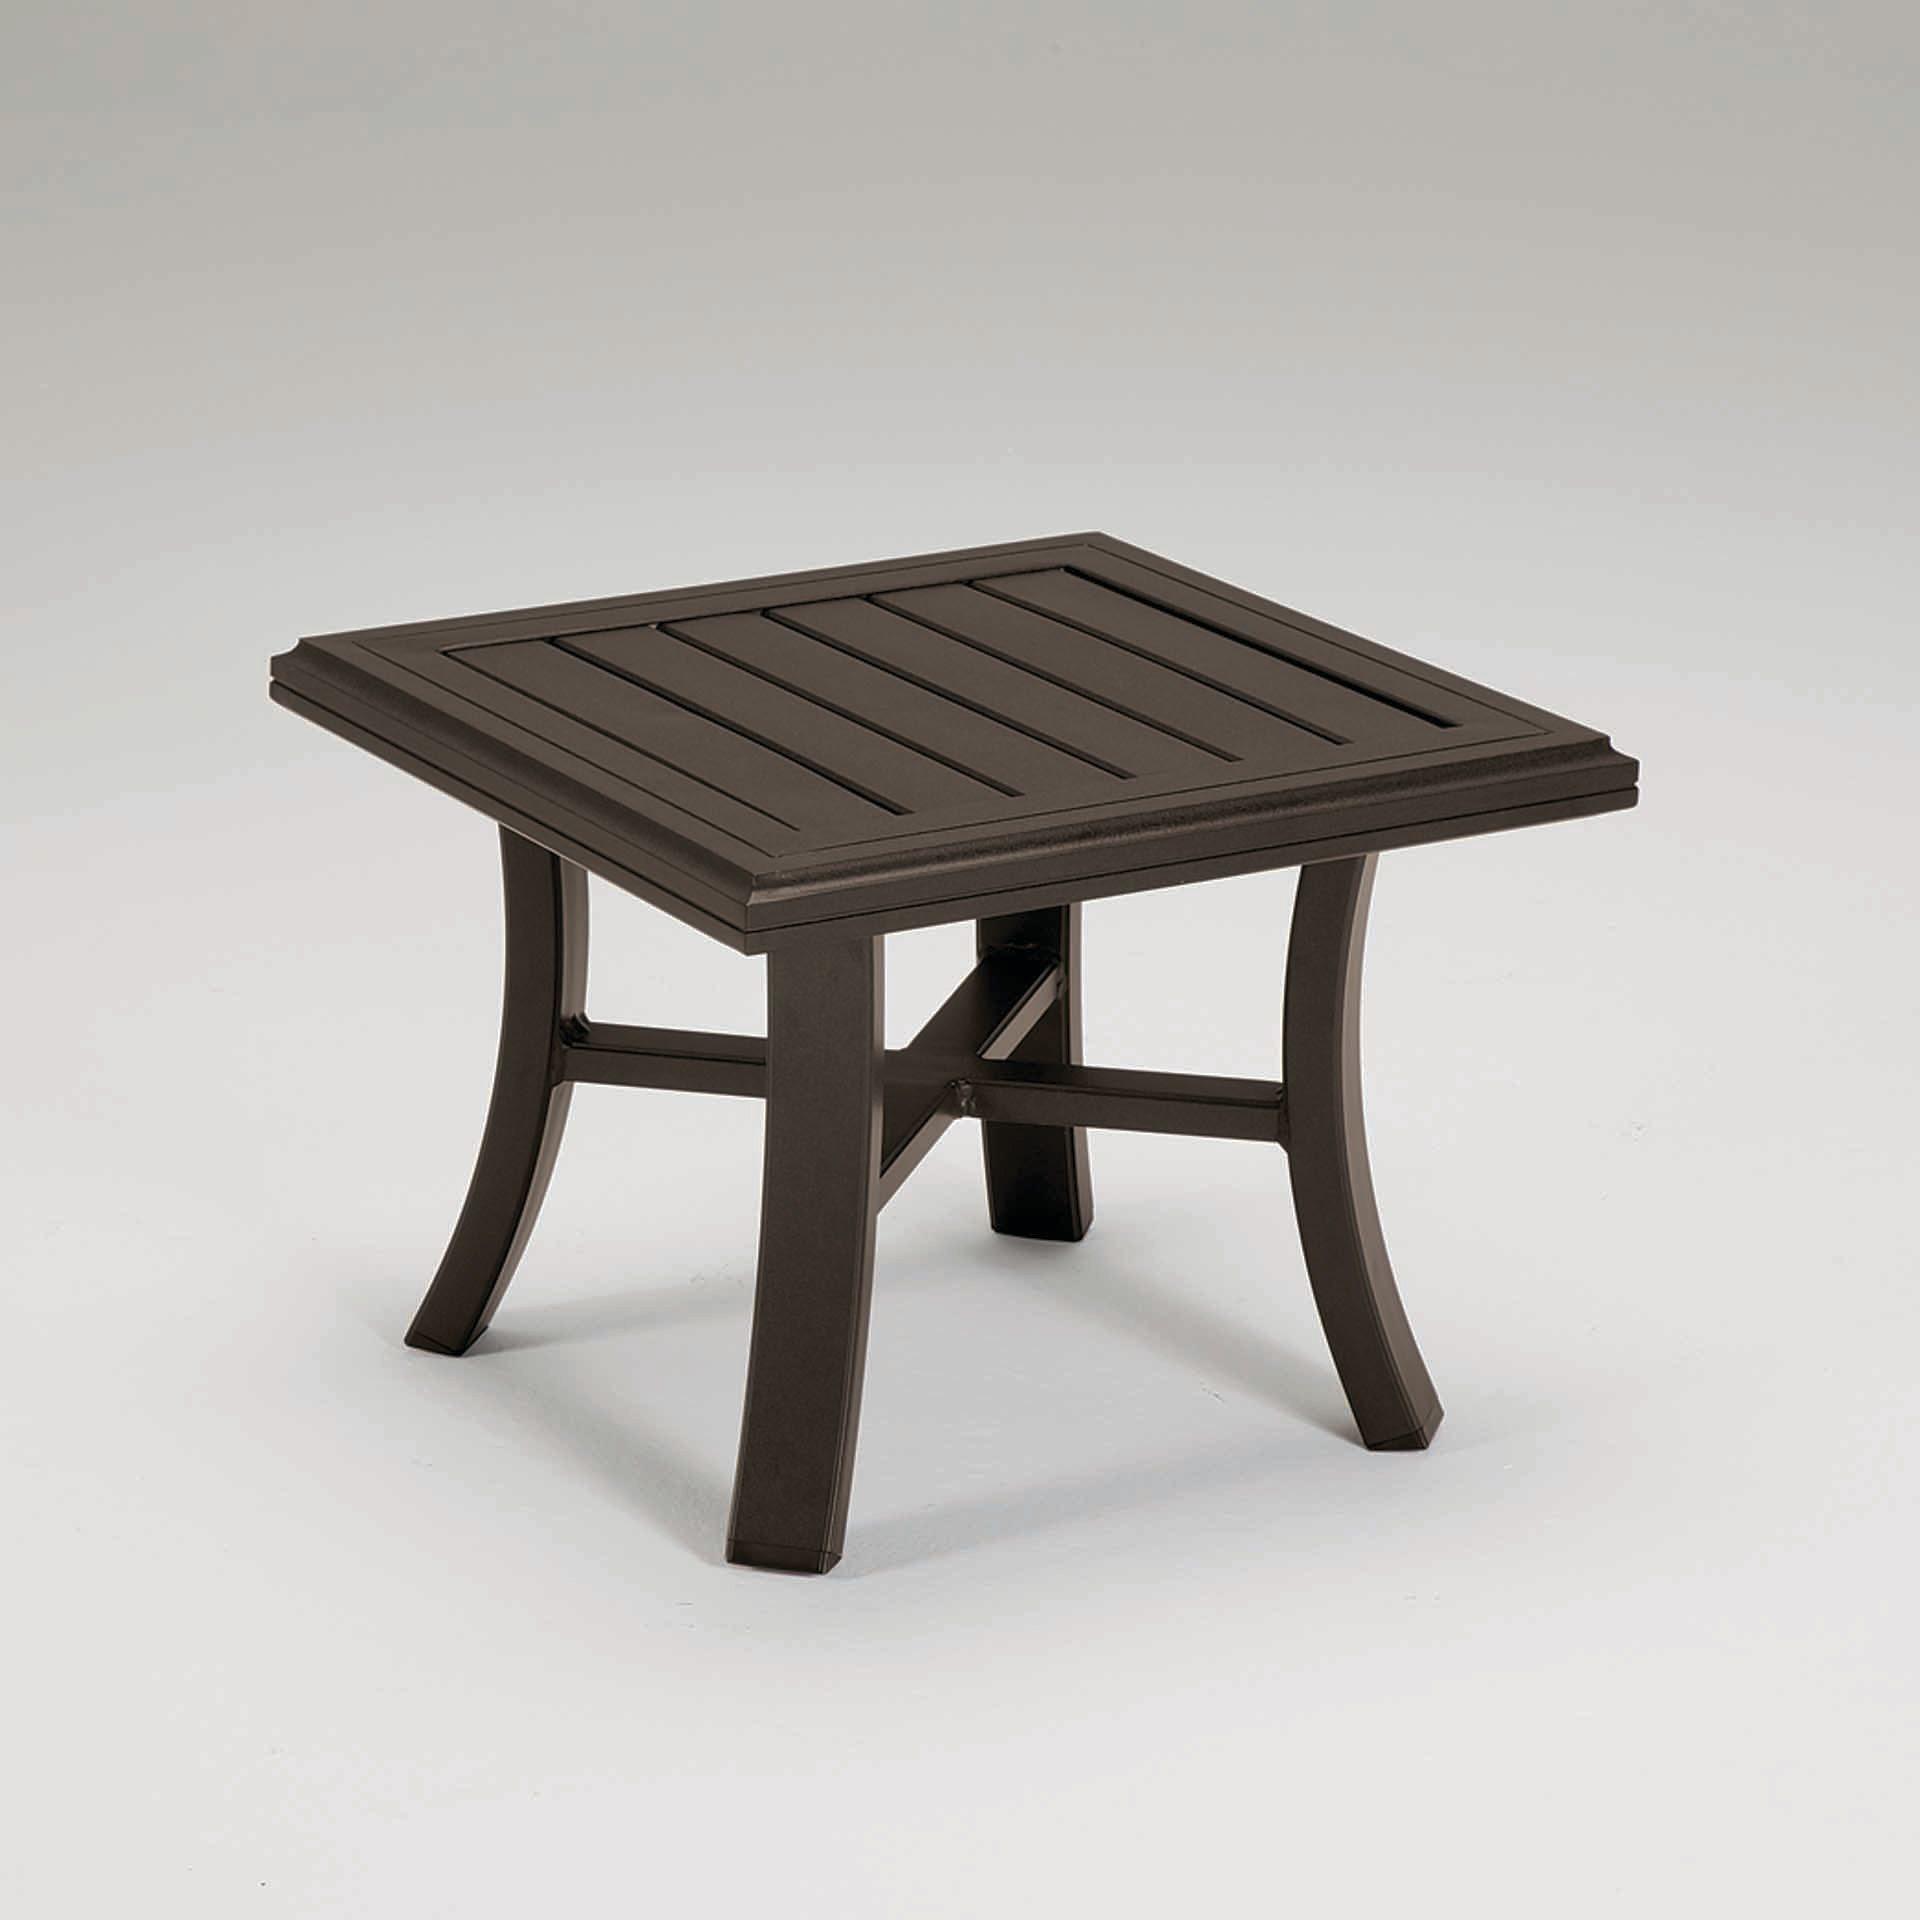 Tropitone Banchetto 24 Quot Square Tea Table Leisure Living